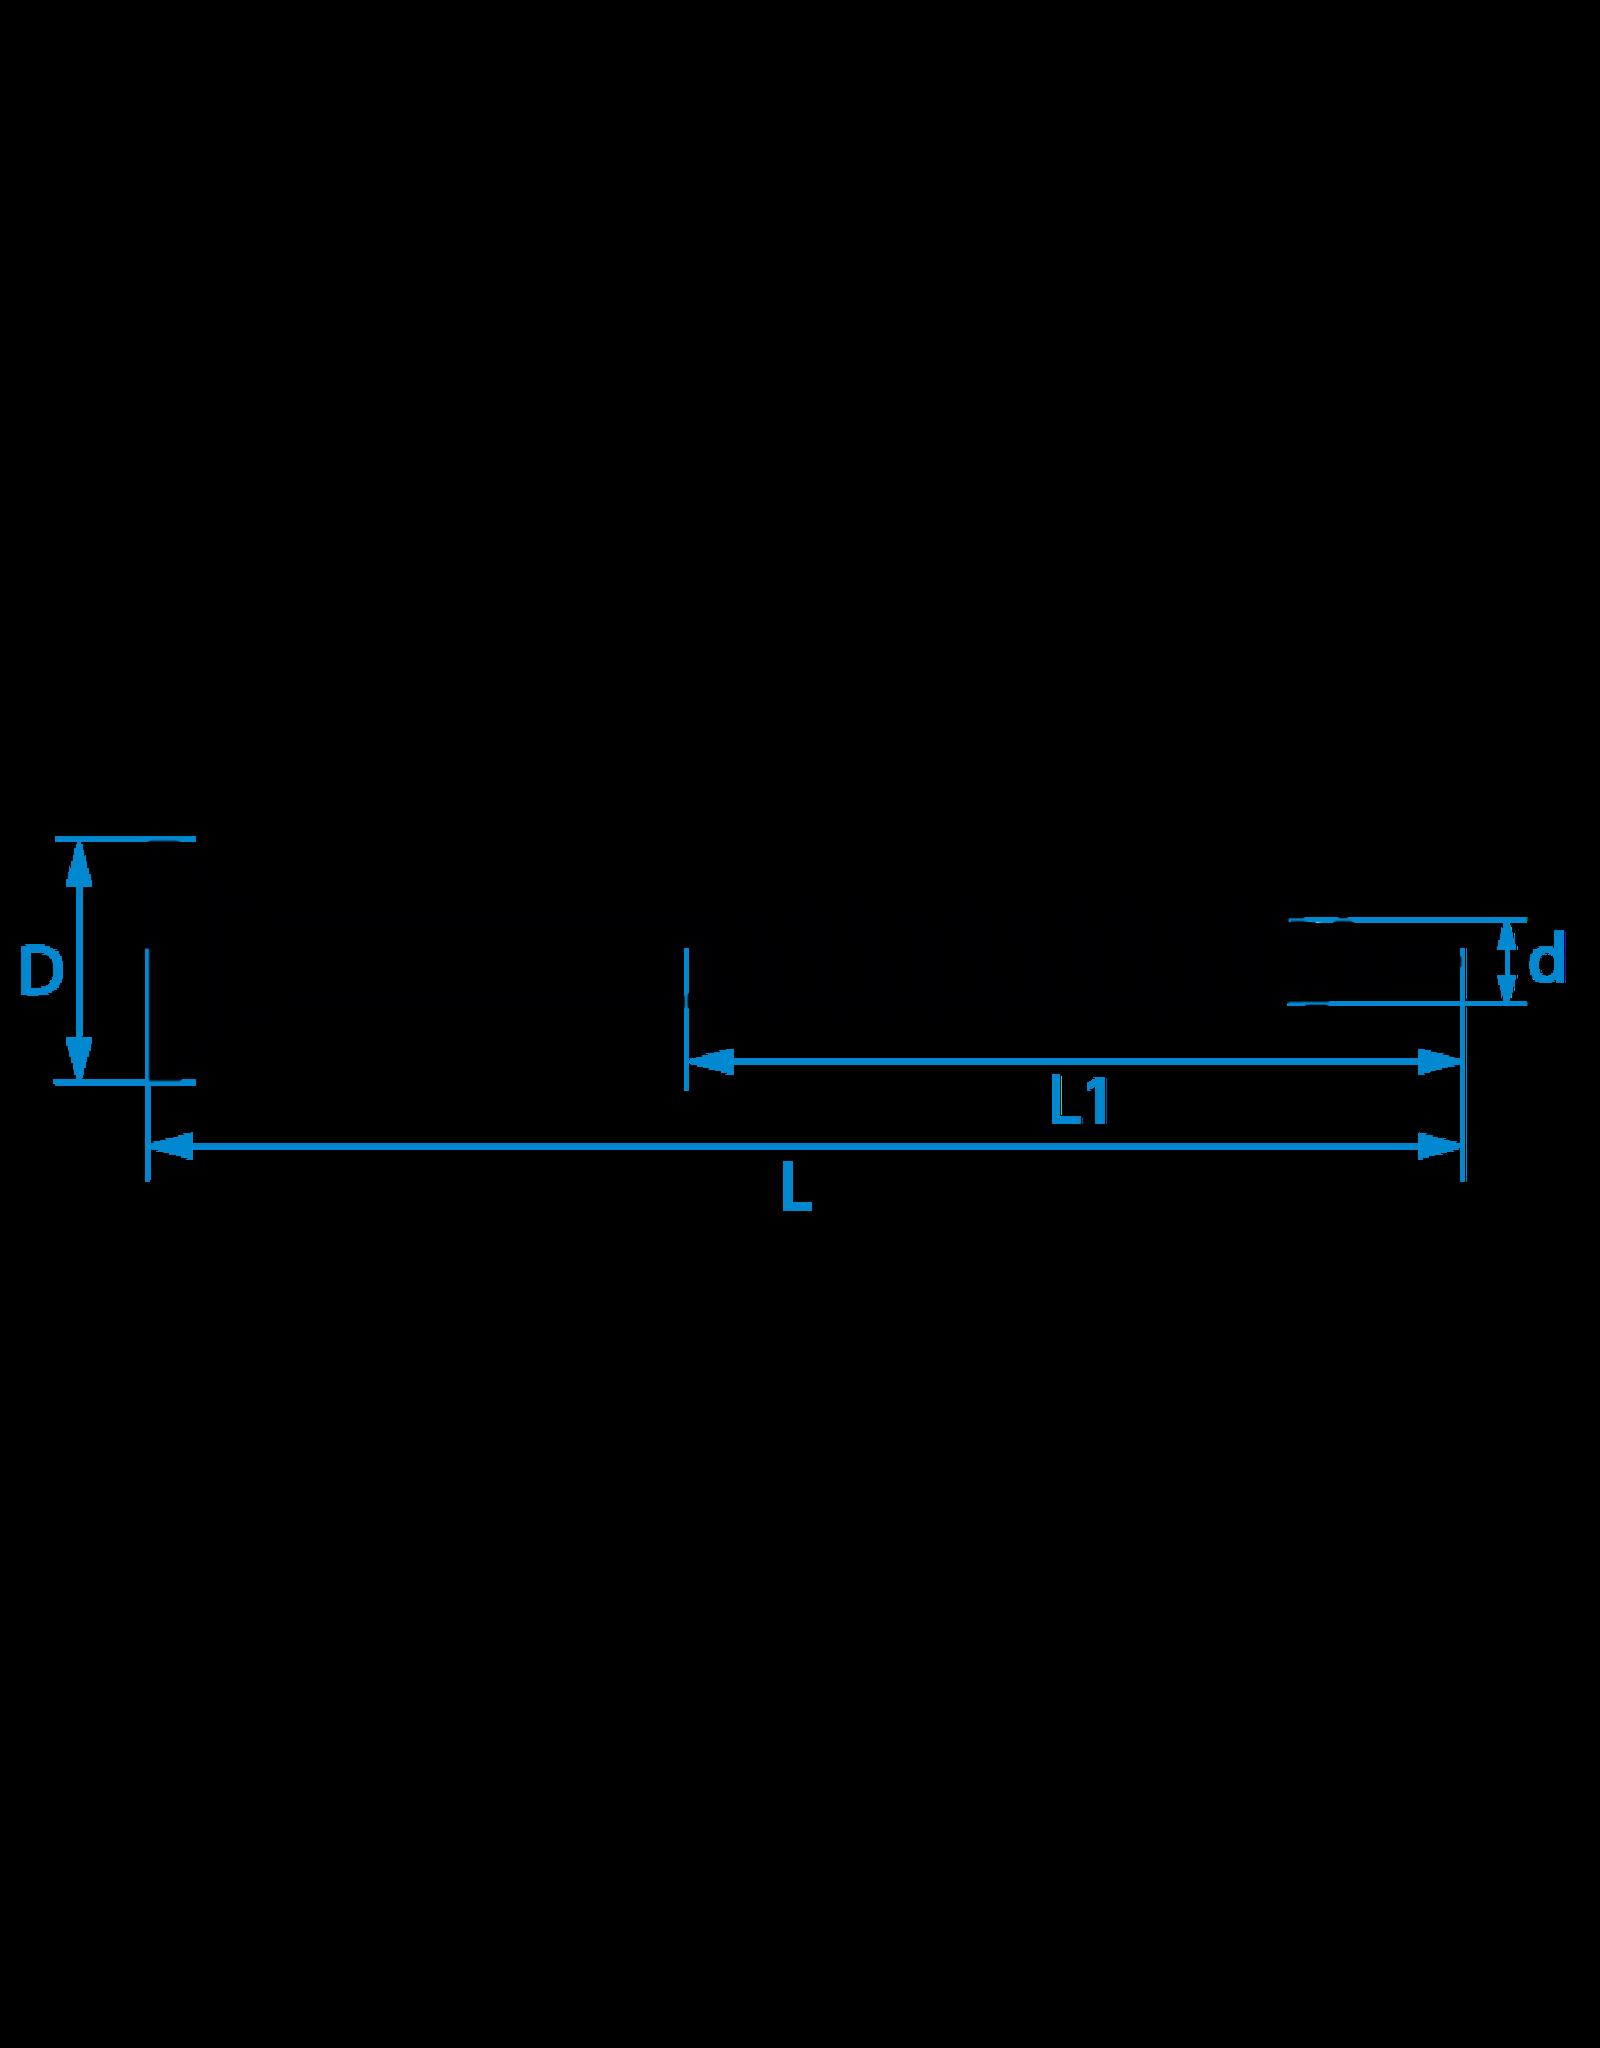 Spaanplaatschroeven platkop 4.5x60 TX-20 staal gehard verzinkt per 200 stuks